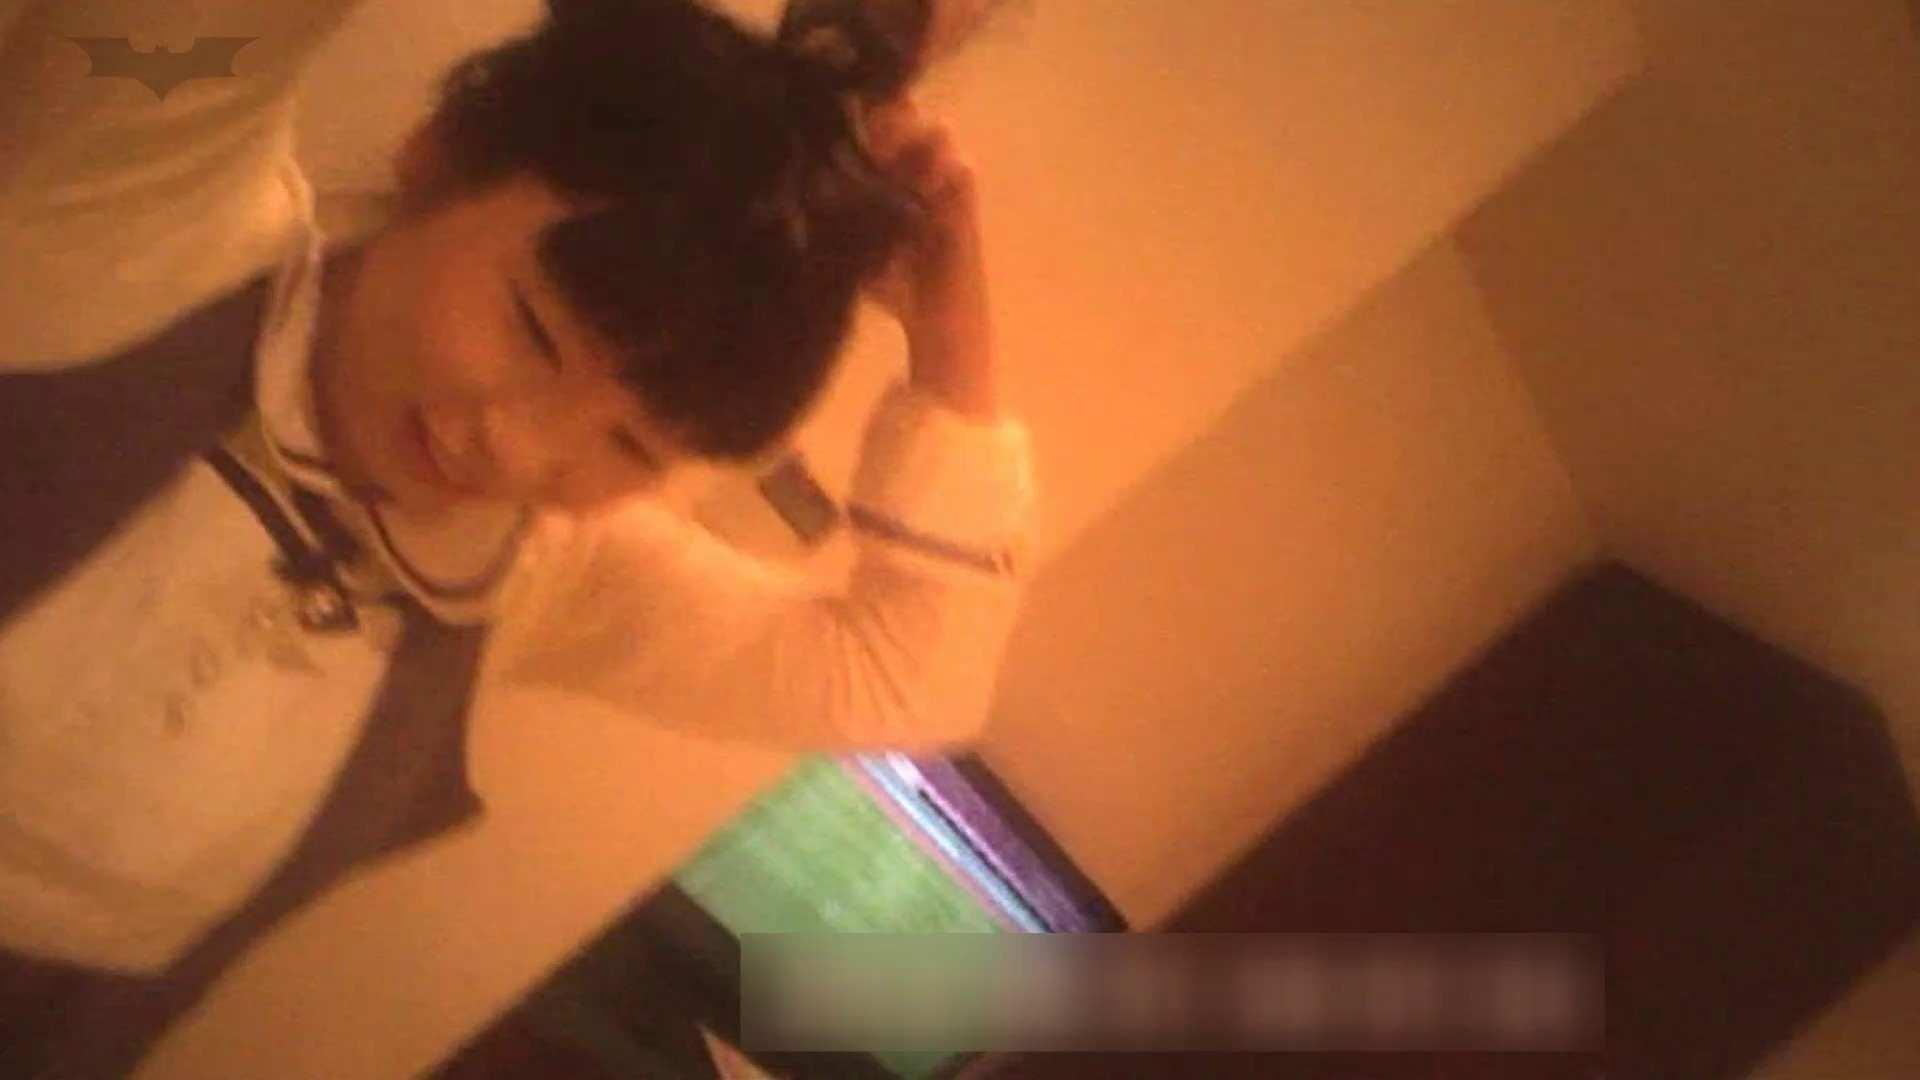 かわいいアニメ声で「イクっっ」 芸術大1年 か●ちゃん Vol.09 SEX編 OL  58pic 18